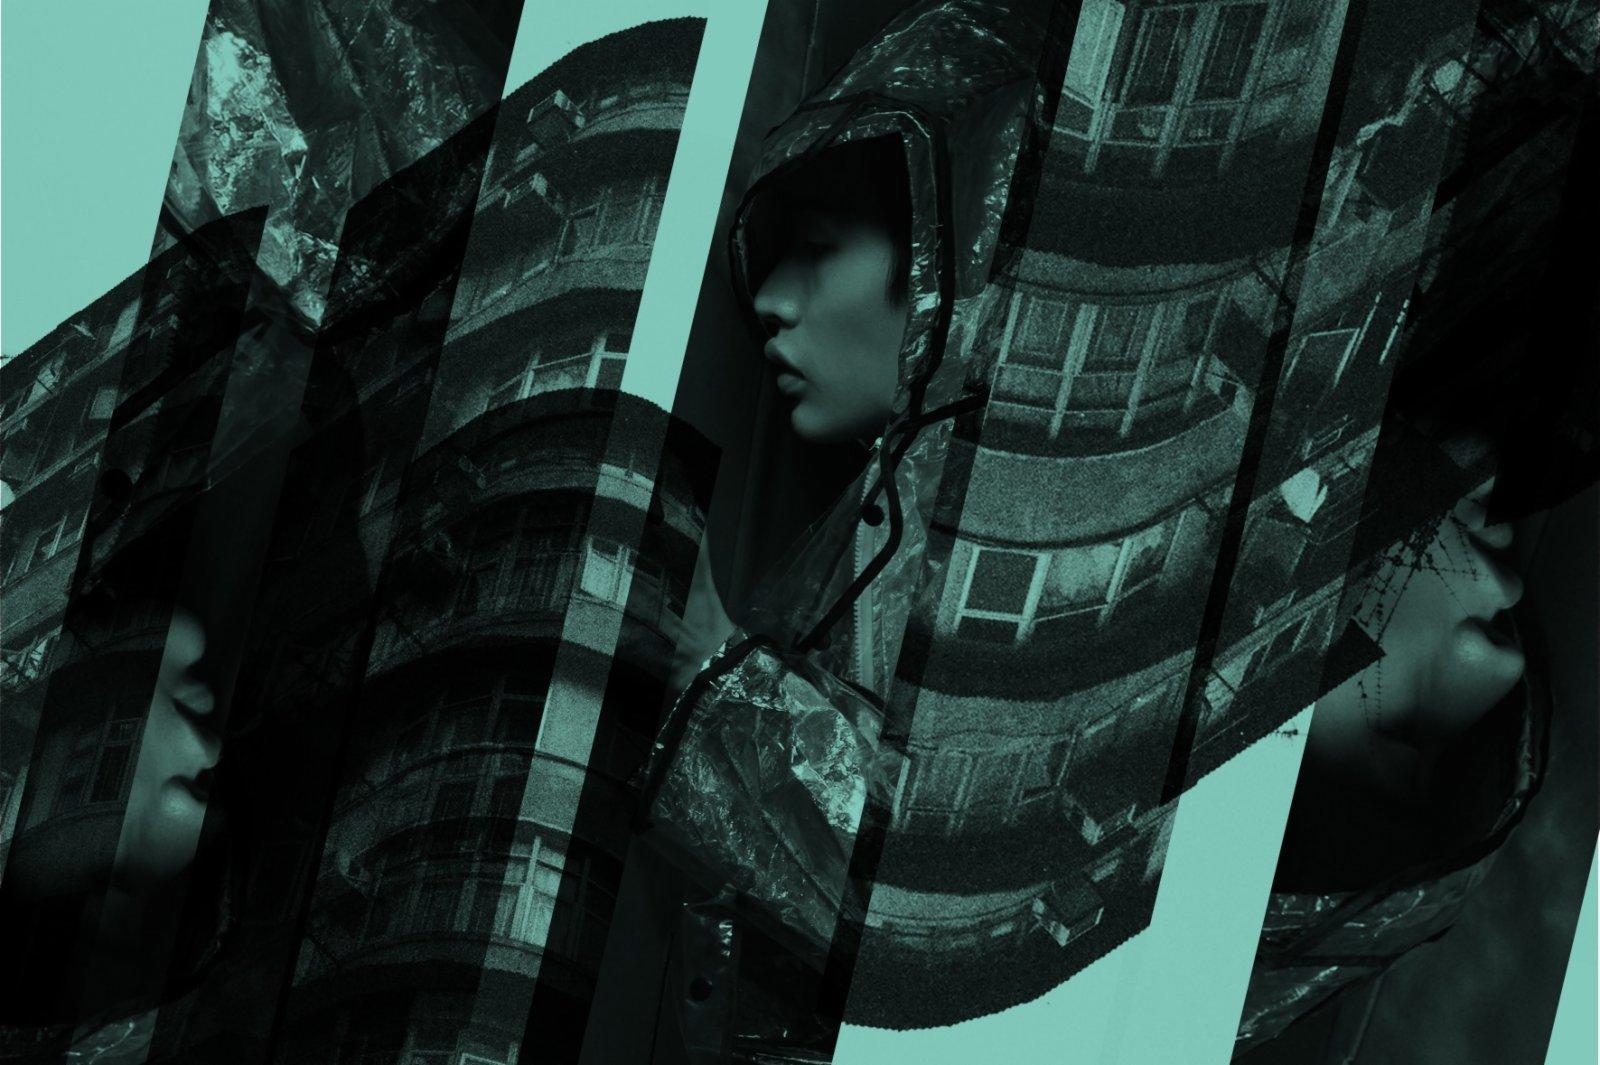 除了舞台表演及電影外,新媒體藝術家洪強以閱讀帶出奇思,把文學再作想像,帶來裝置展覽《See字進入》。(政府新聞處)